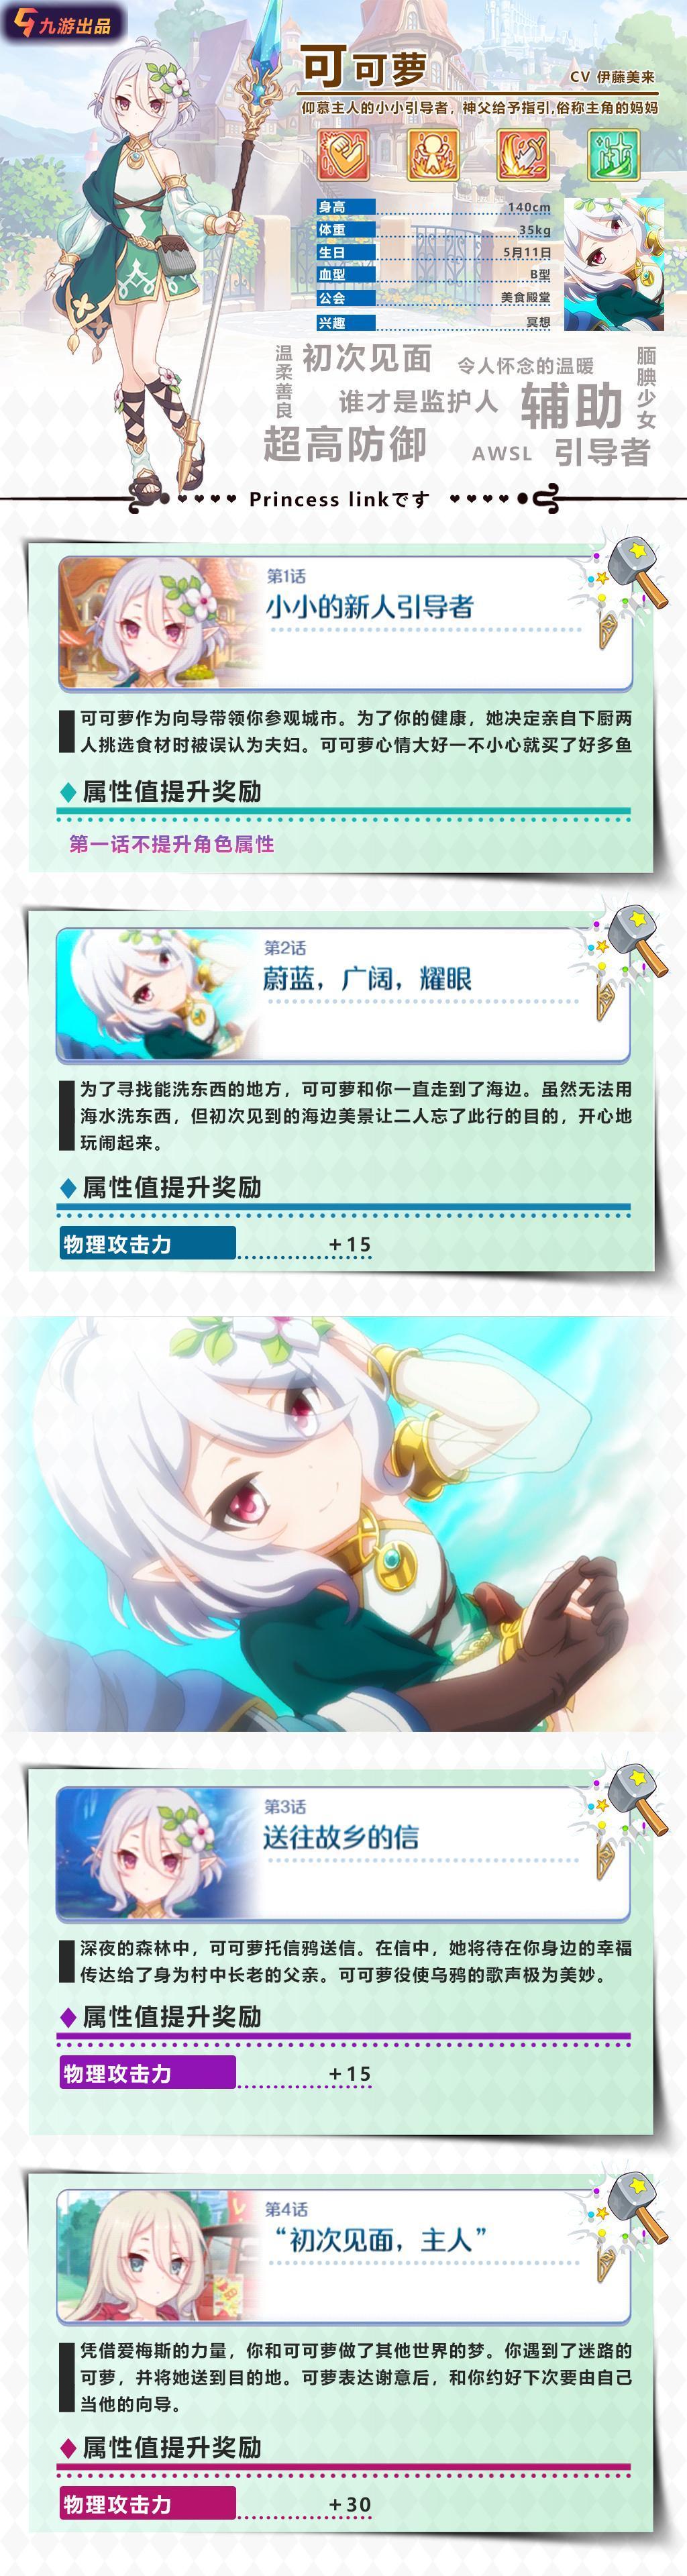 公主剧情s可可萝1.jpg